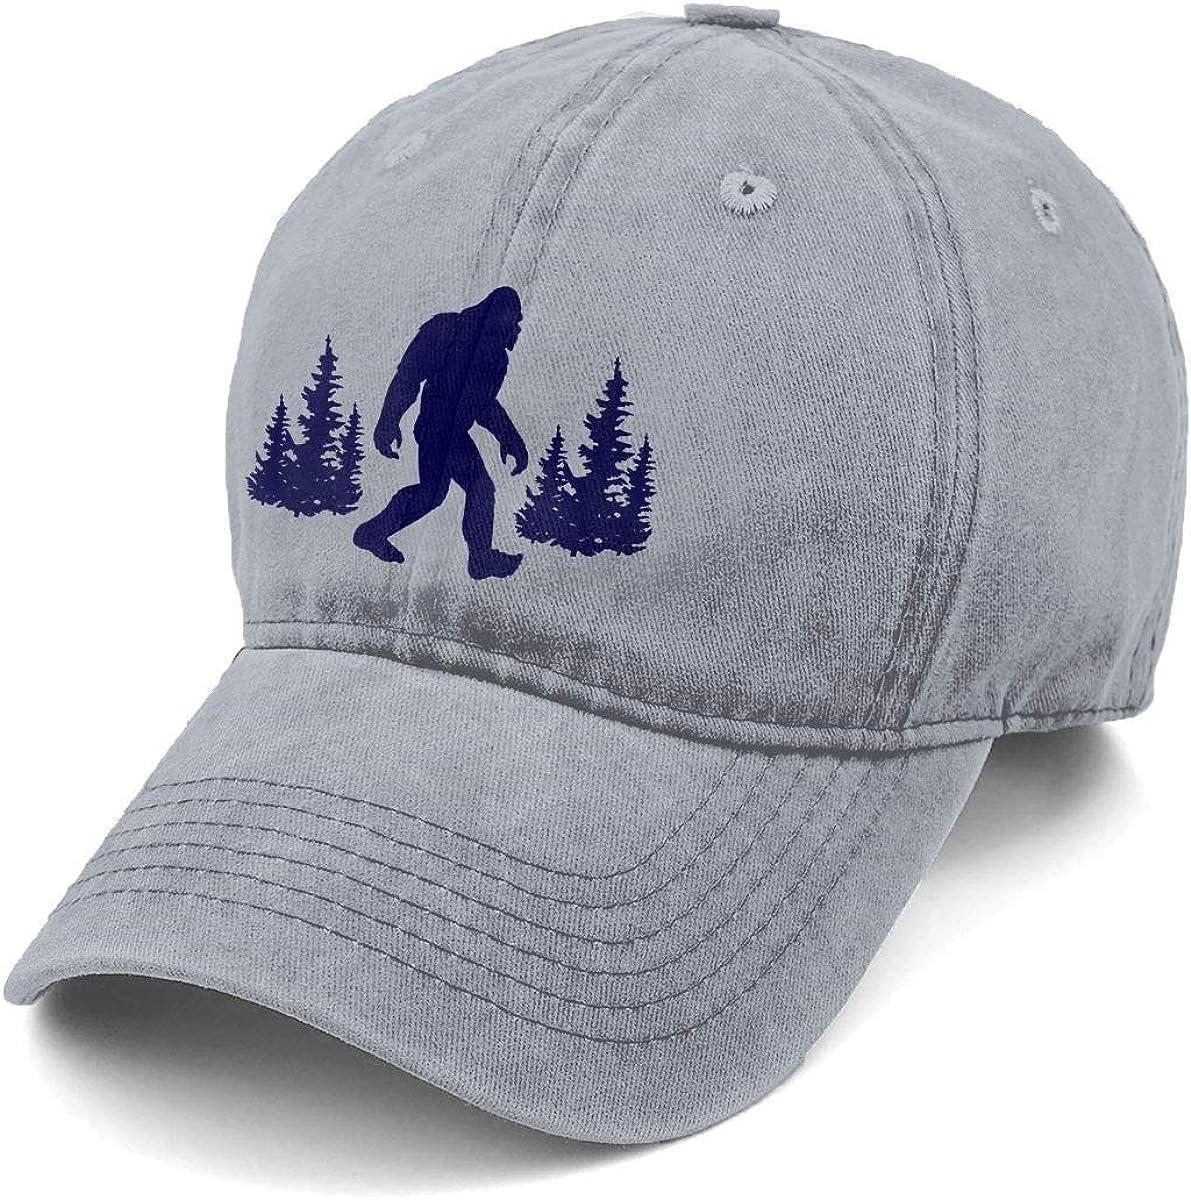 Unisex UFO Bigfoot Denim Hat Adjustable Washed Dyed Cotton Dad Baseball Caps